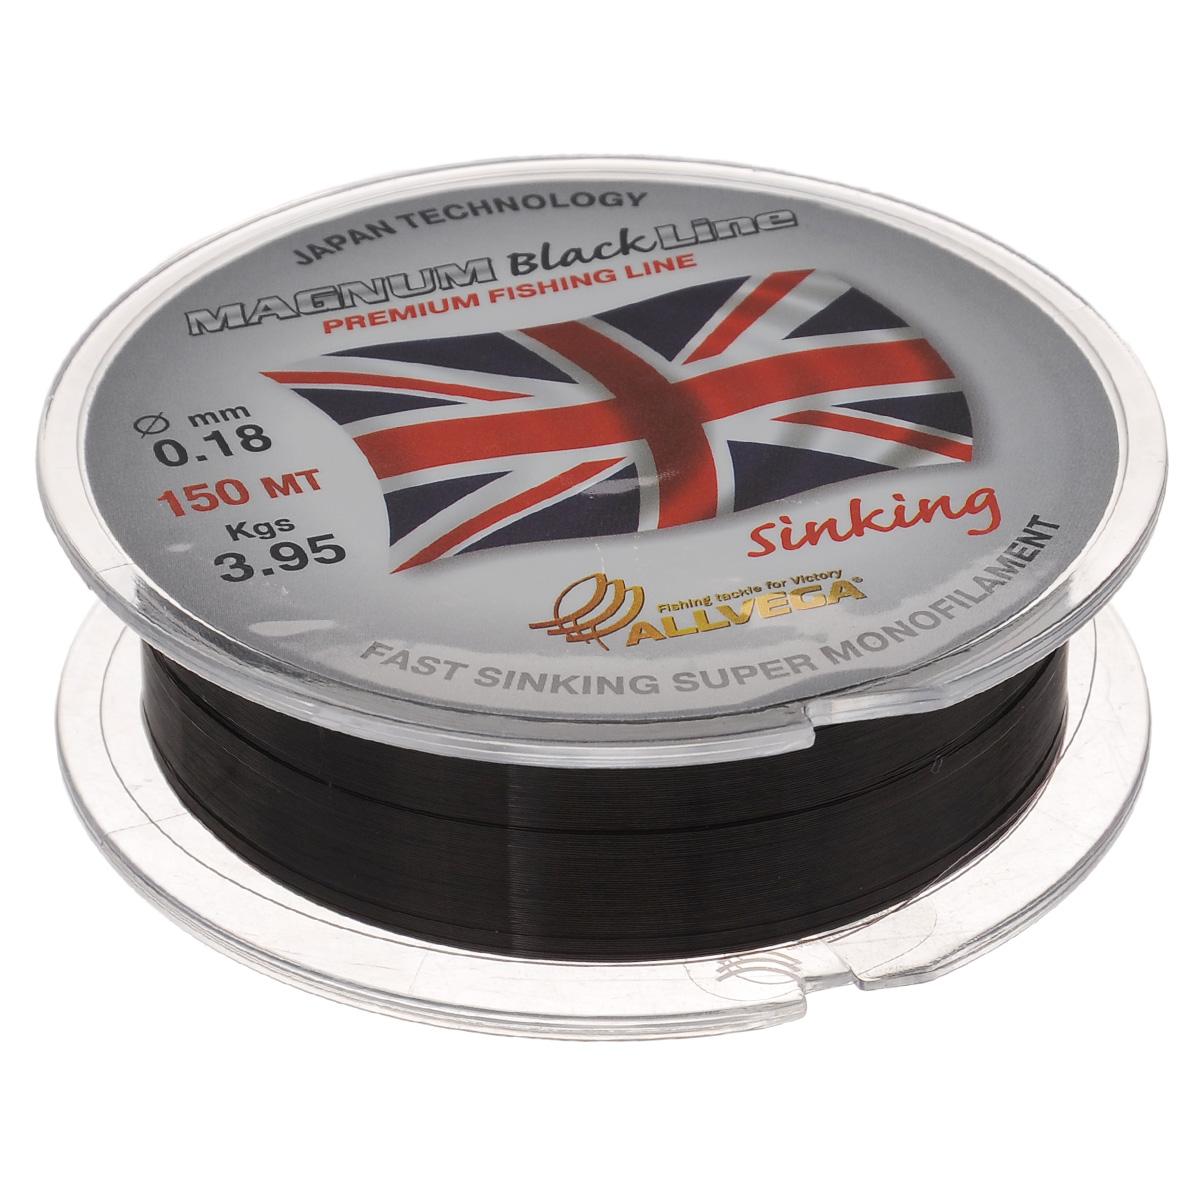 """Леска Allvega """"Magnum Black"""", цвет: черный, 150 м, 0,18 мм, 3,95 кг 39927"""